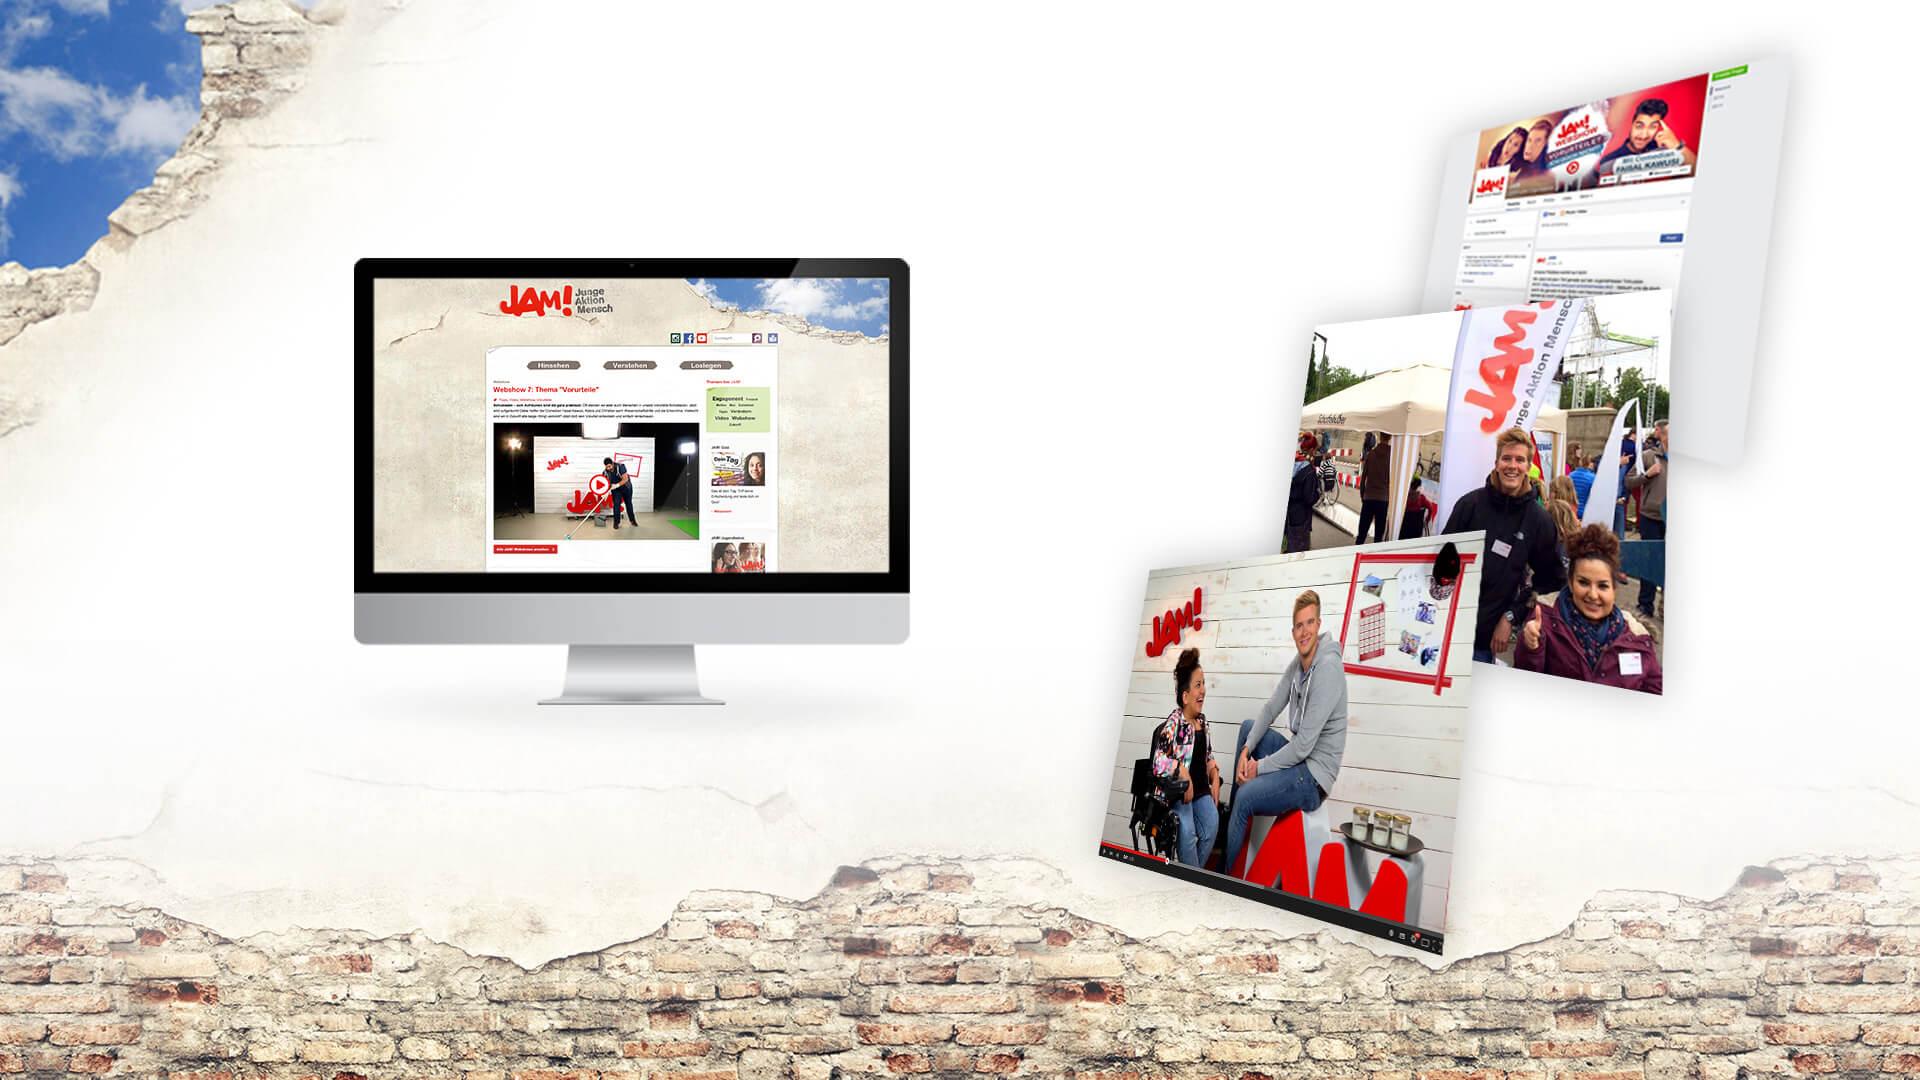 online angebot jam cobra youth communications. Black Bedroom Furniture Sets. Home Design Ideas